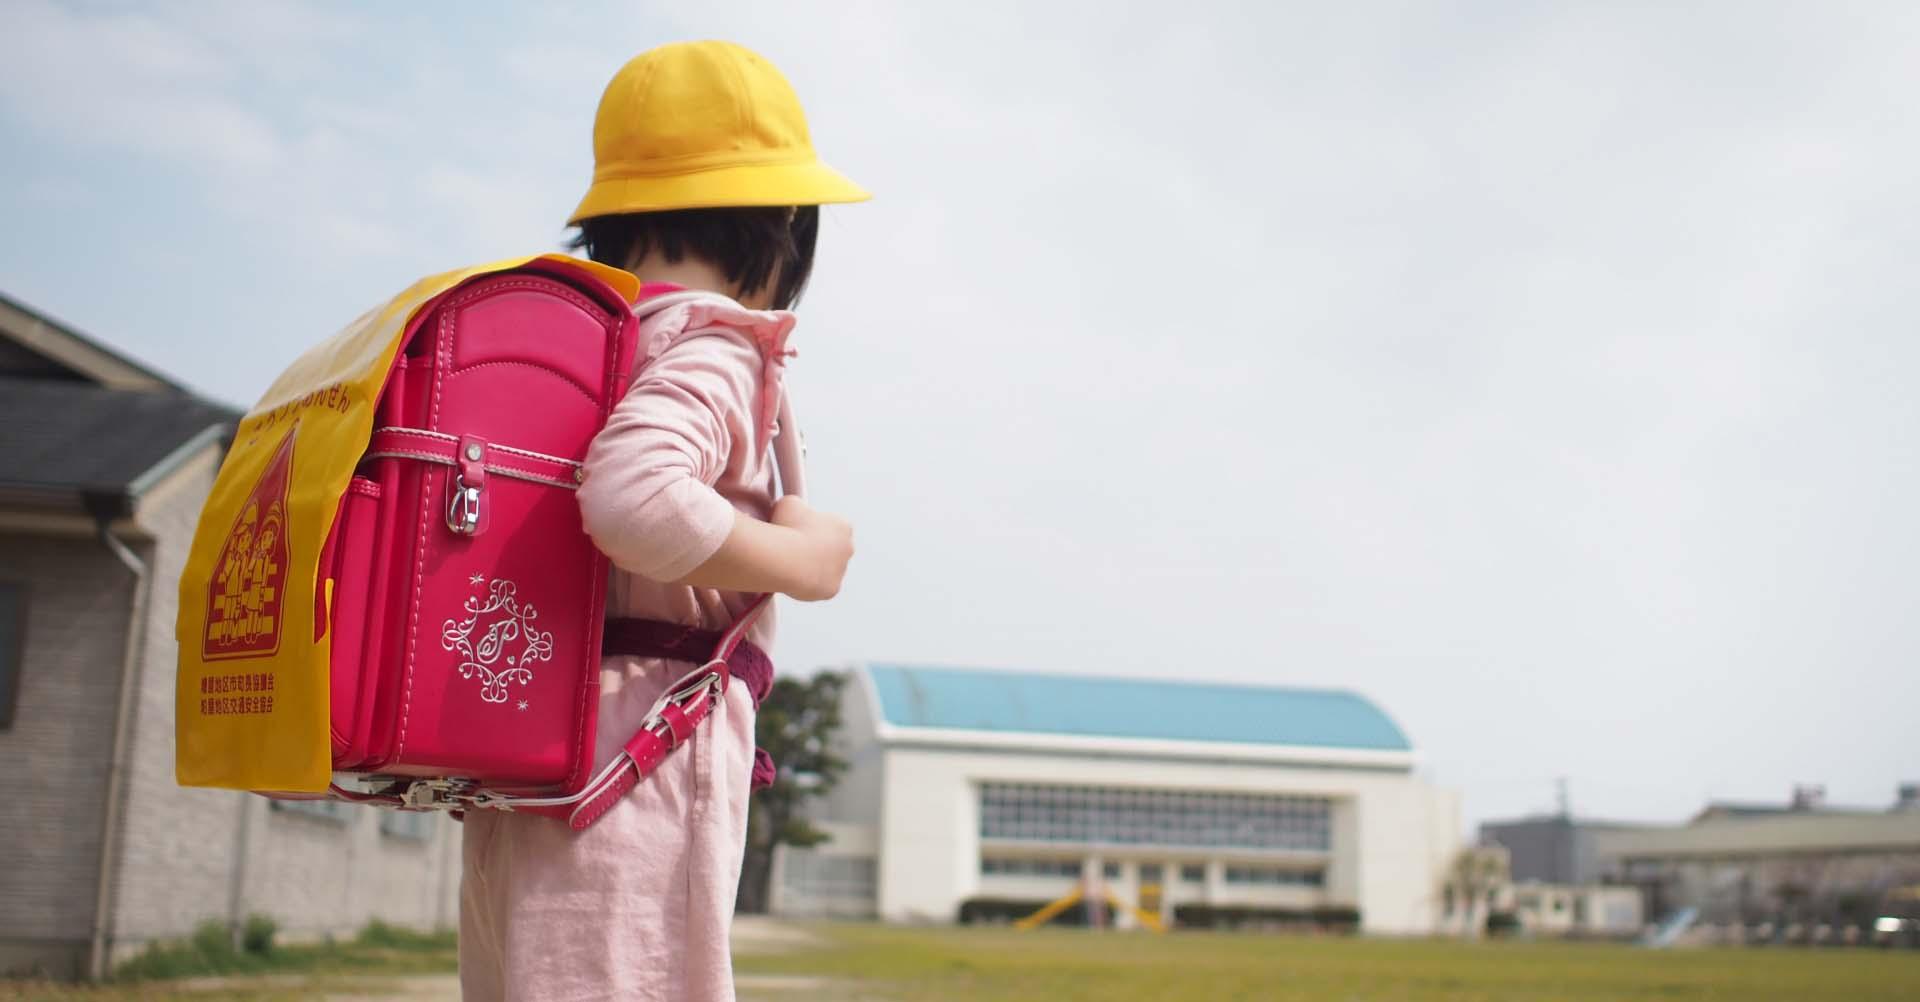 開學了爸媽好緊張,其實學校也同樣緊張...只要足夠的陪伴與適當的放手,這些過程就會成為孩子心靈成長的養分